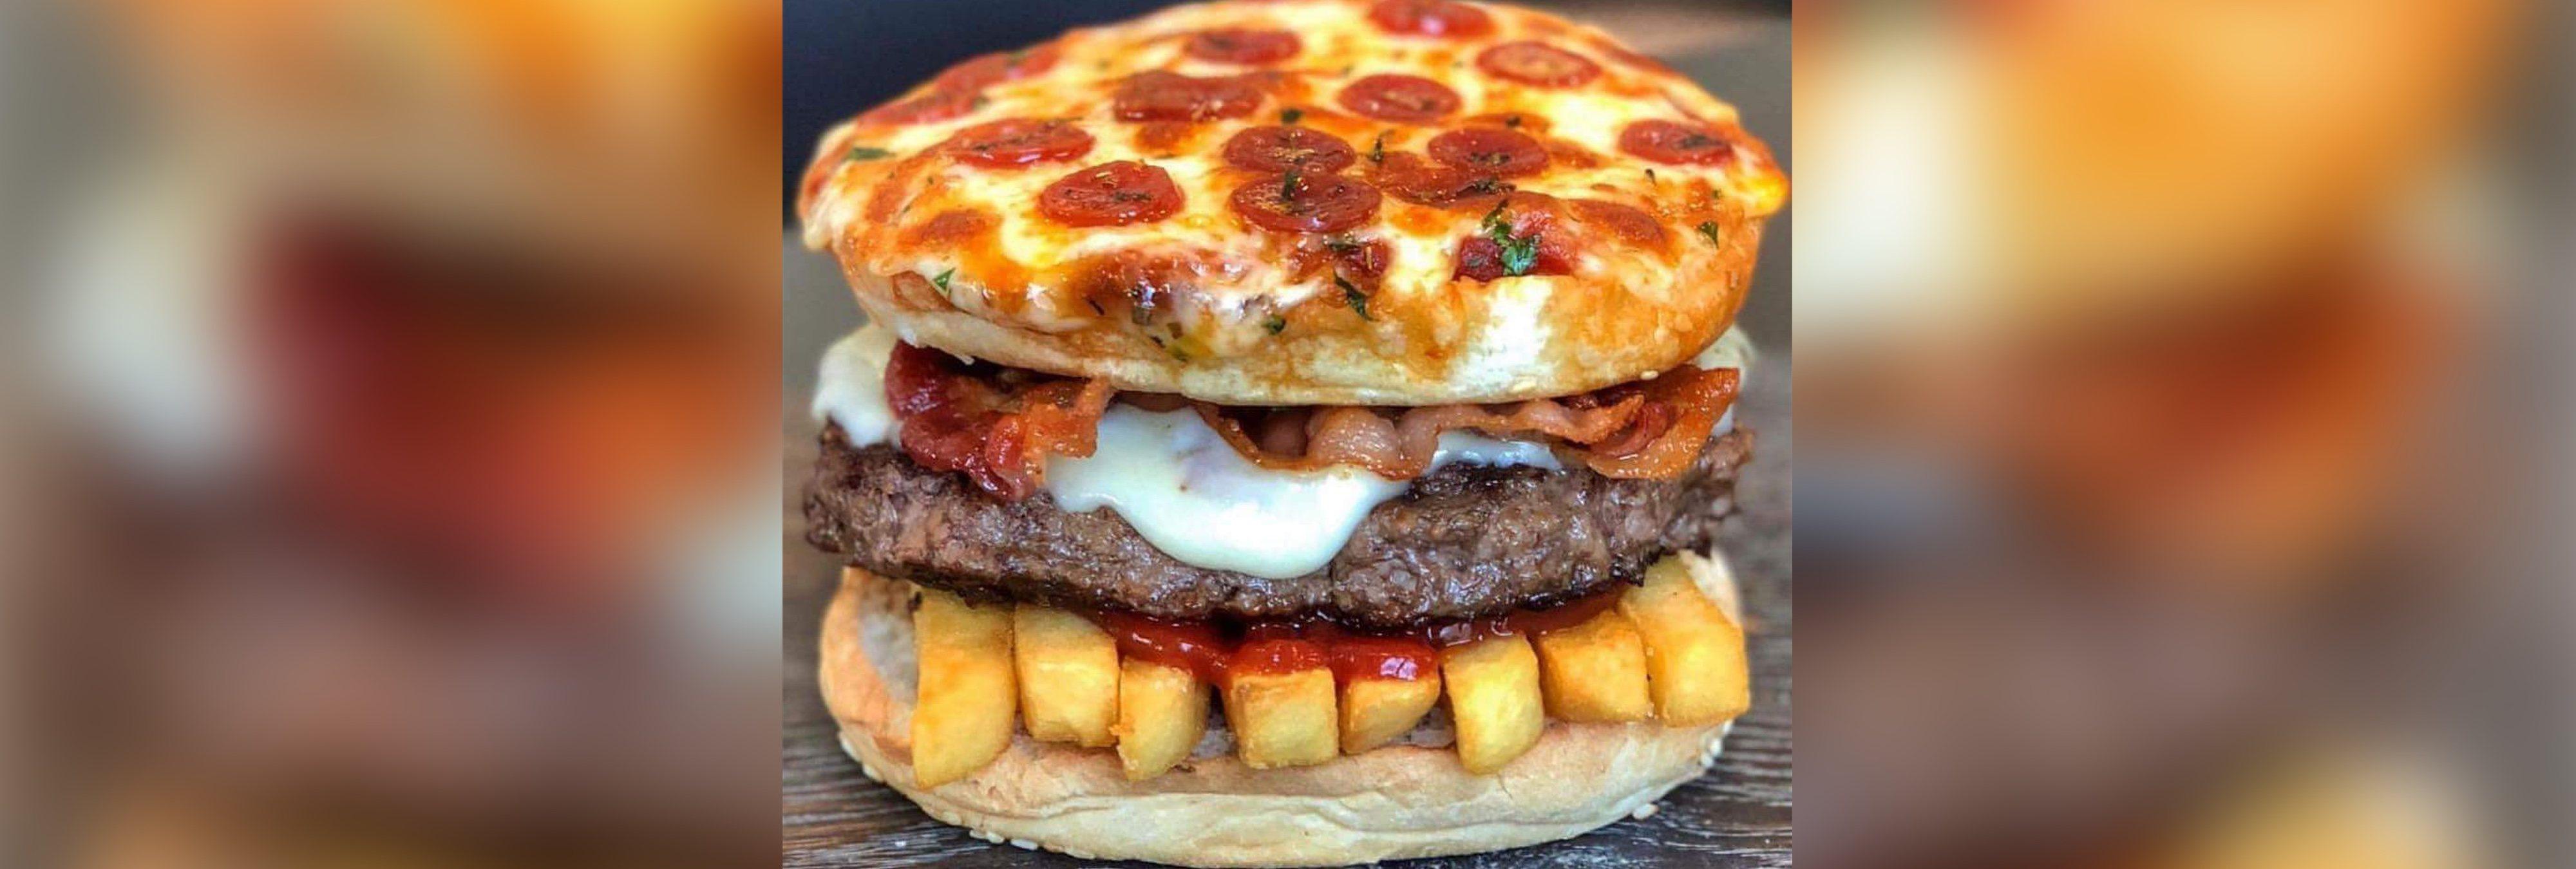 Hamburguesa de pizza con patatas dentro: el nuevo invento que causa furor en las redes